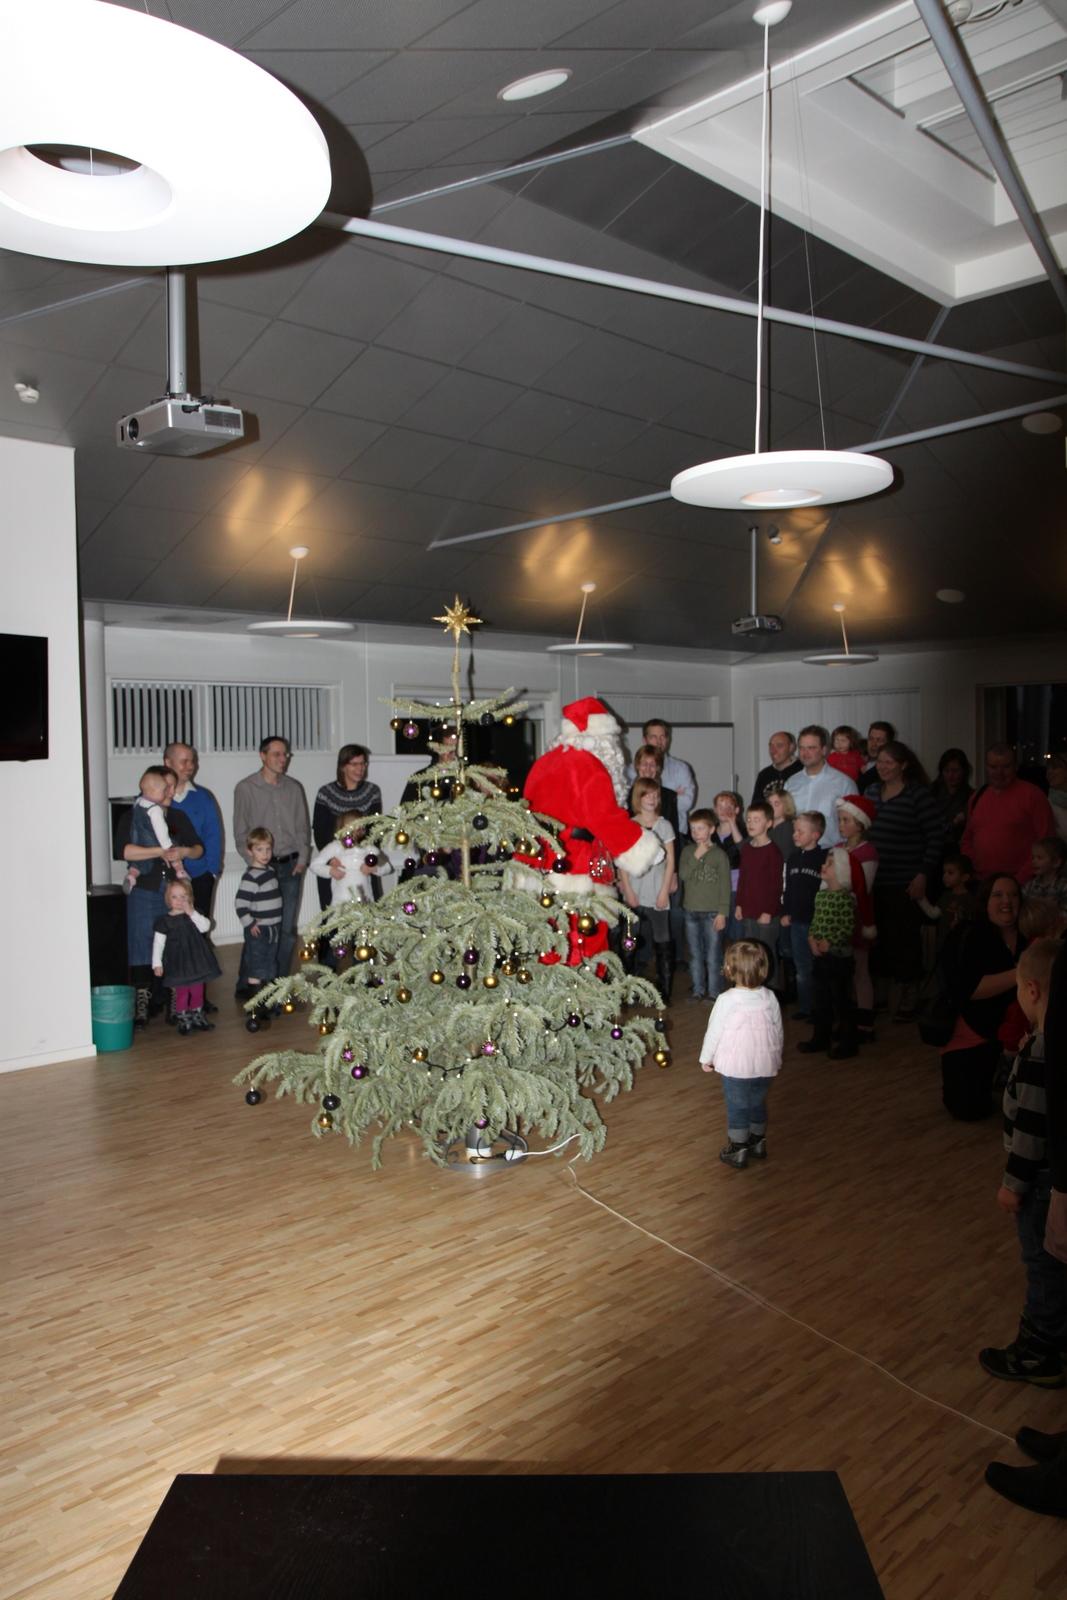 Julemanden for børnene til at sætte sig om juletræet - trylleshowet starter